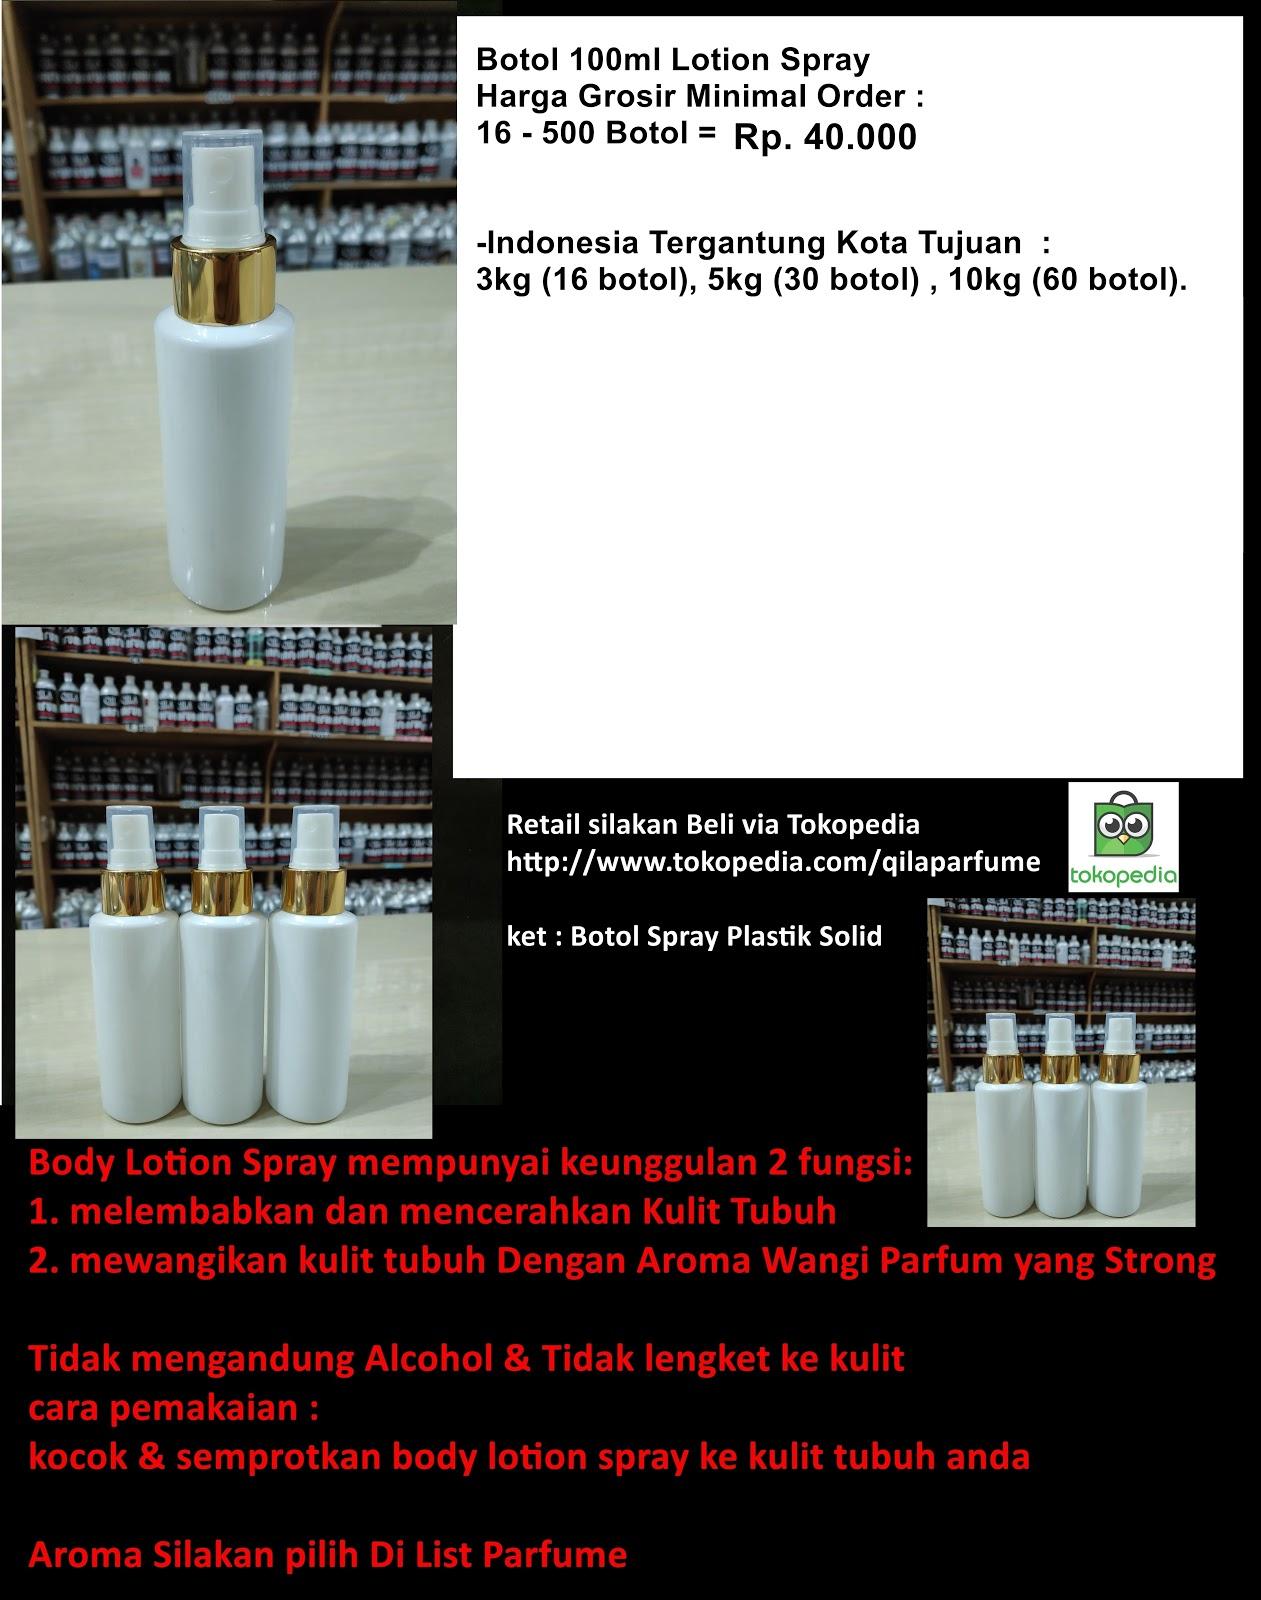 Parfume Refill Bandung Botol Spray 100 Ml Harga 16 September 2018 Sudah Termasuk Isi Parfum Ada Kenaikan Disebabkan Kurs Rupiah Melemah Terhadap Dollar Dan Euro